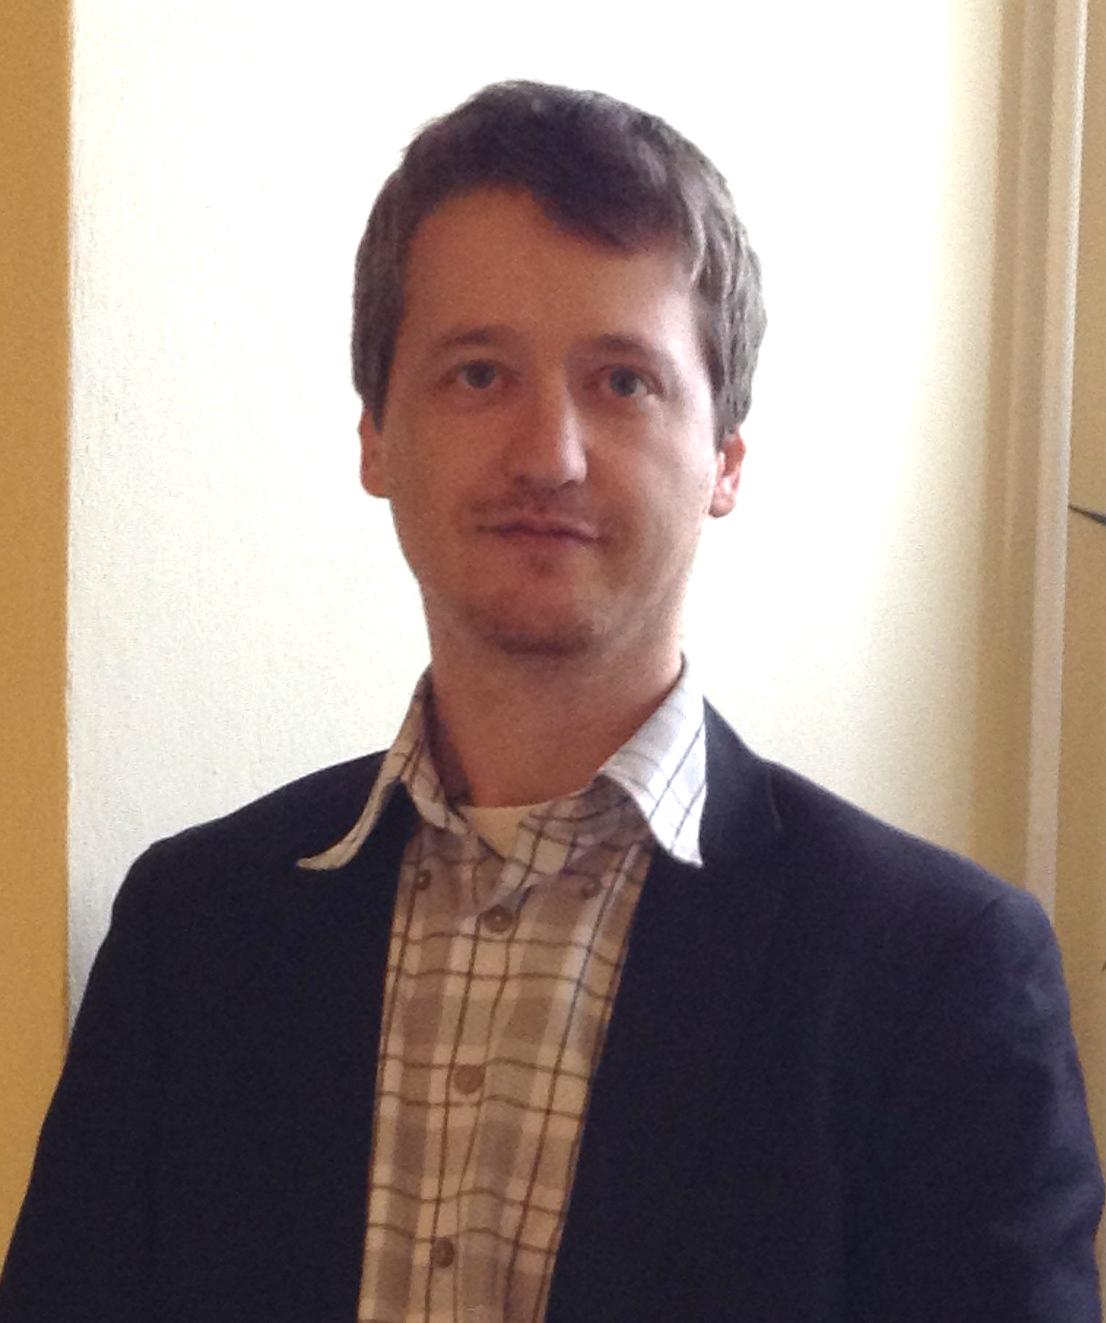 PhDr. et Mgr. Stanislav Rubáš, obrázek se otevře v novém okně